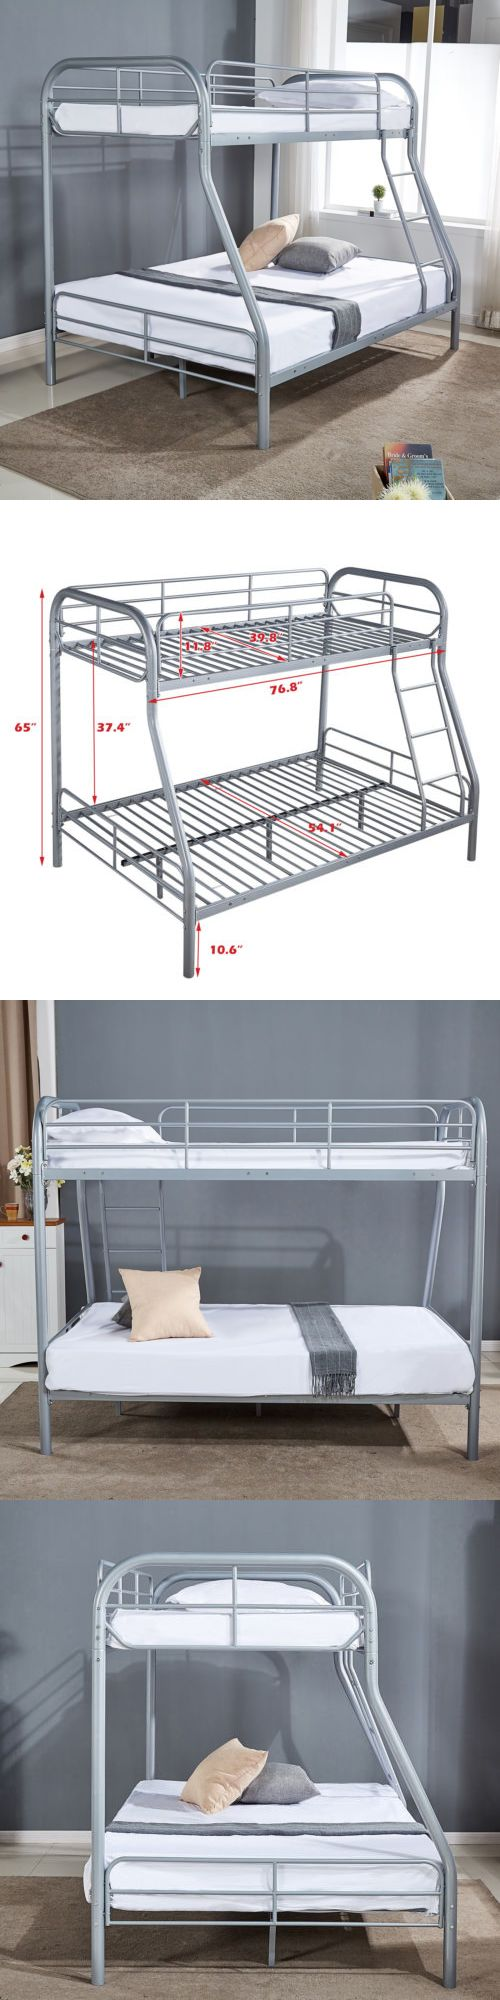 Kids metal loft bed with slide  Metal Twin over Full Bunk Beds Kids Teens Adult Dorm Bedroom